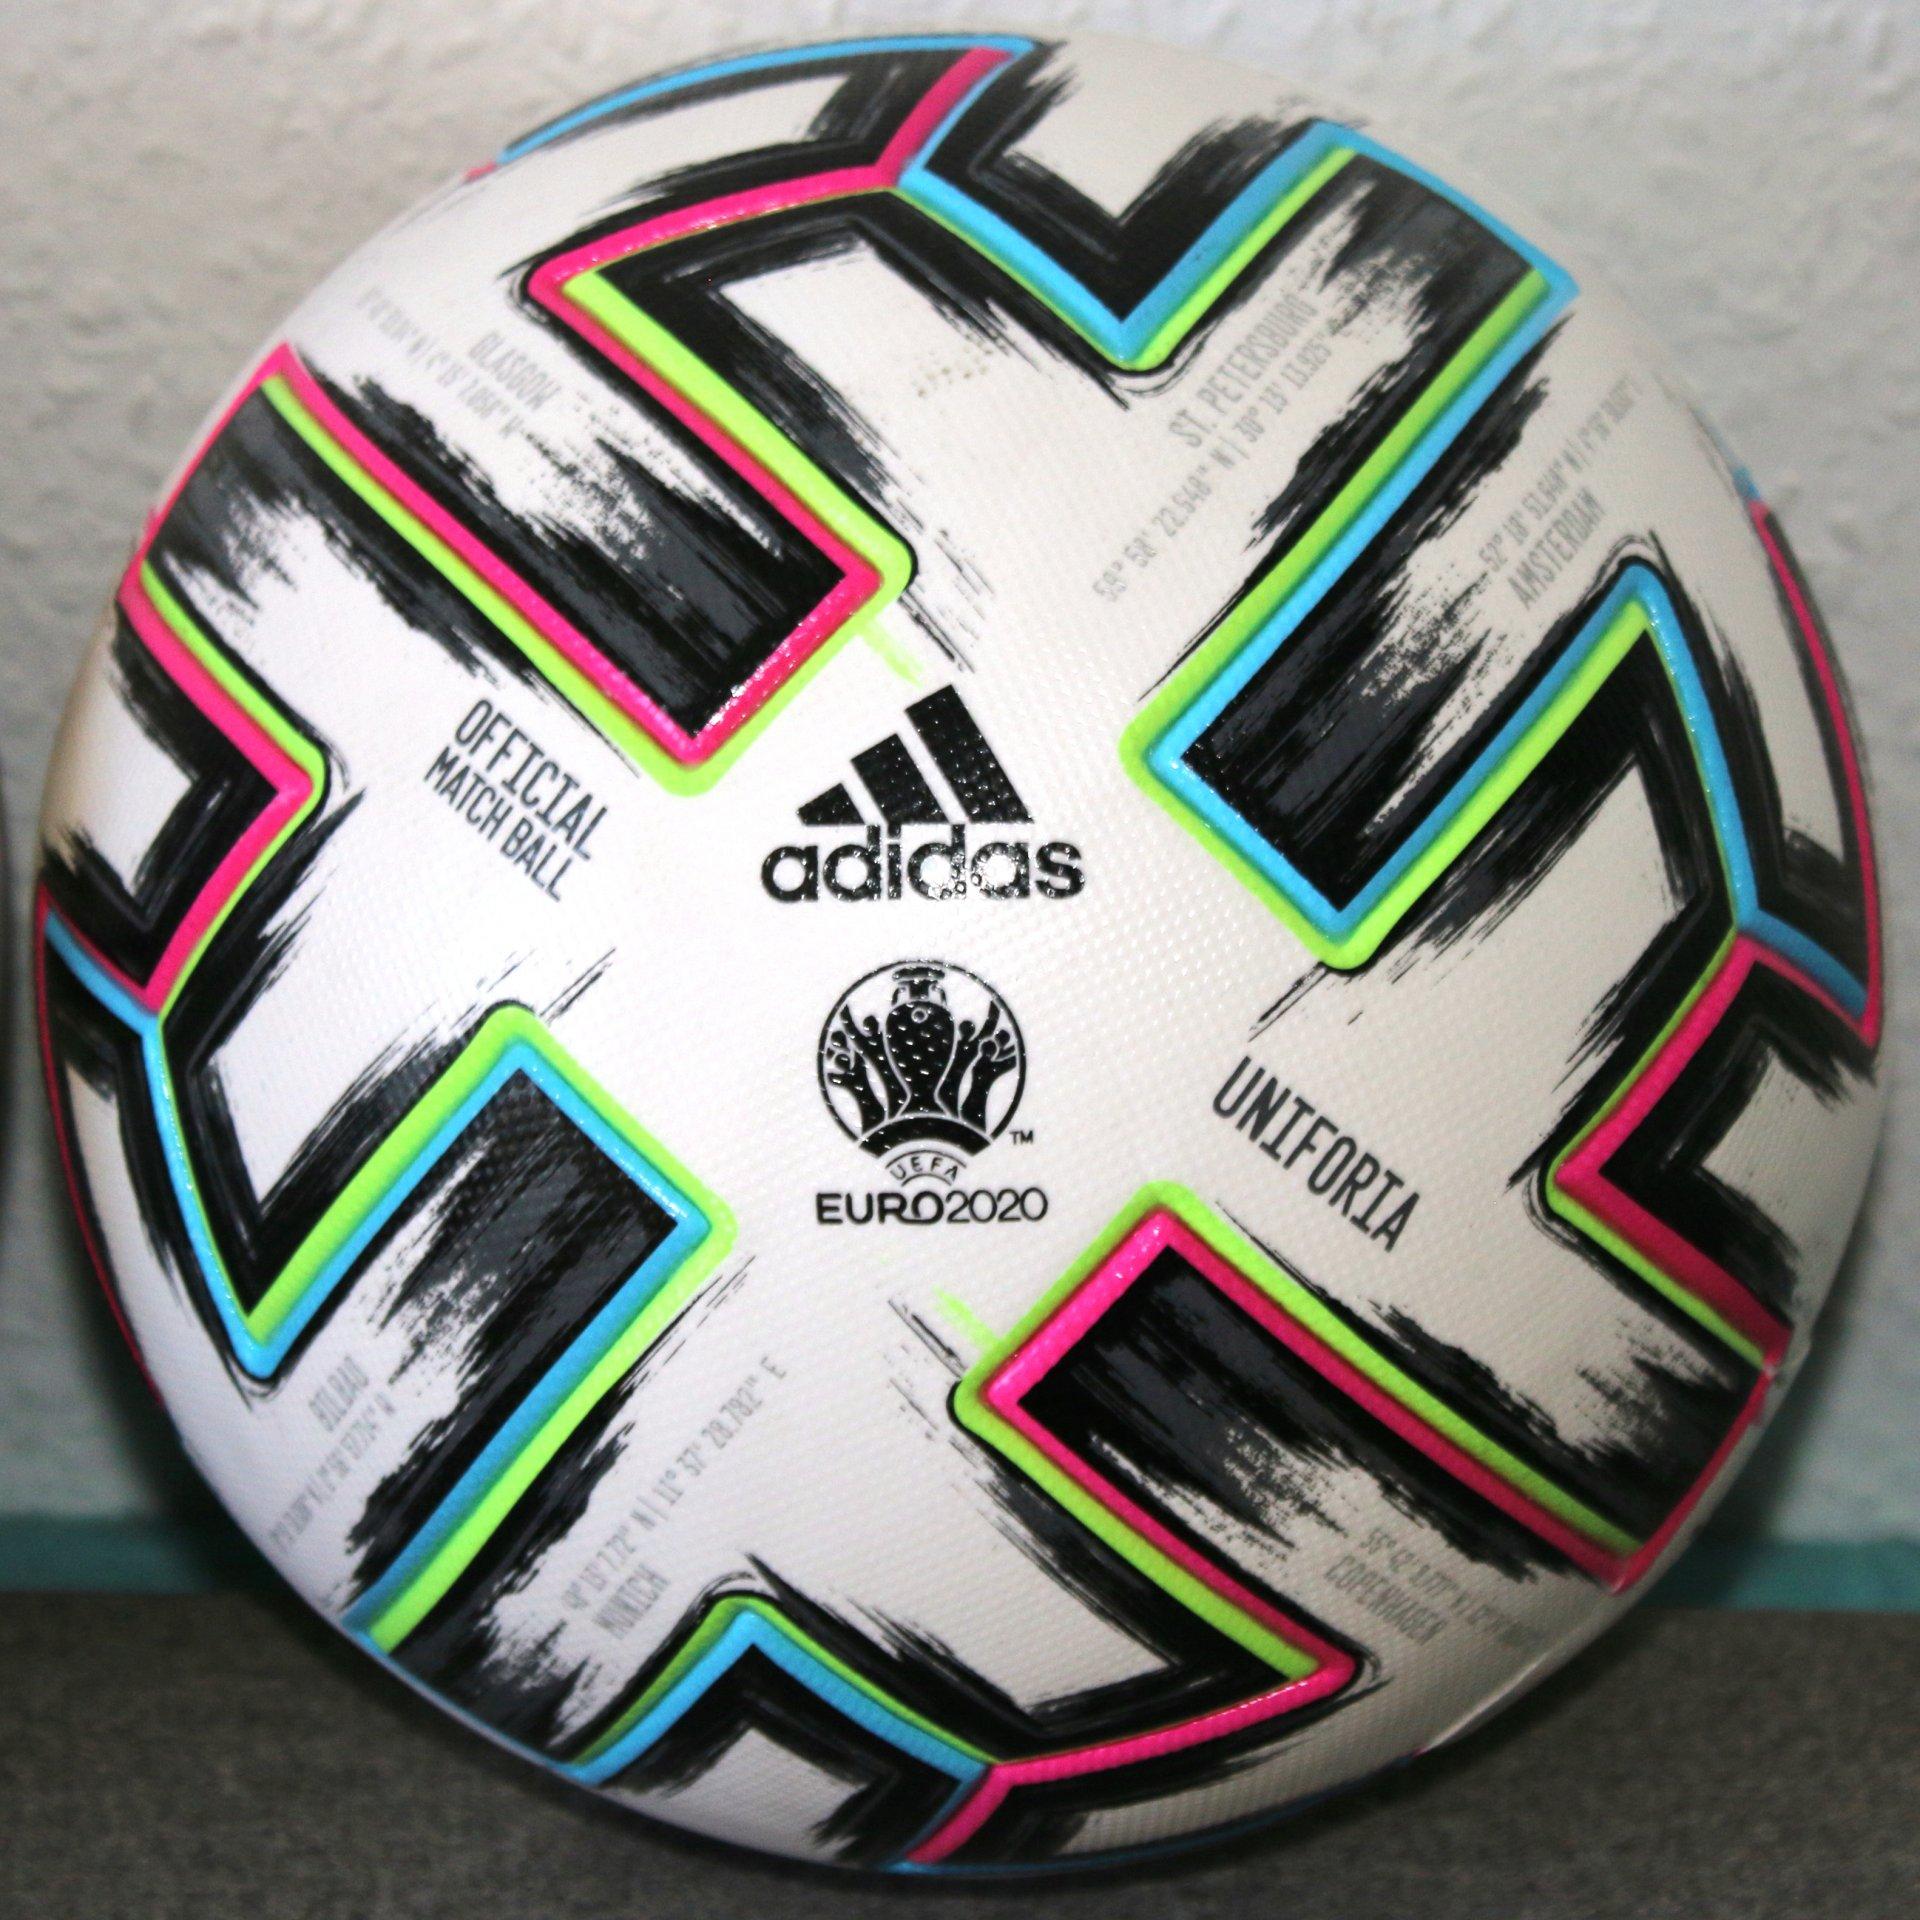 Adidas Uniforia EM 2020 Official Matchball OMB PRO